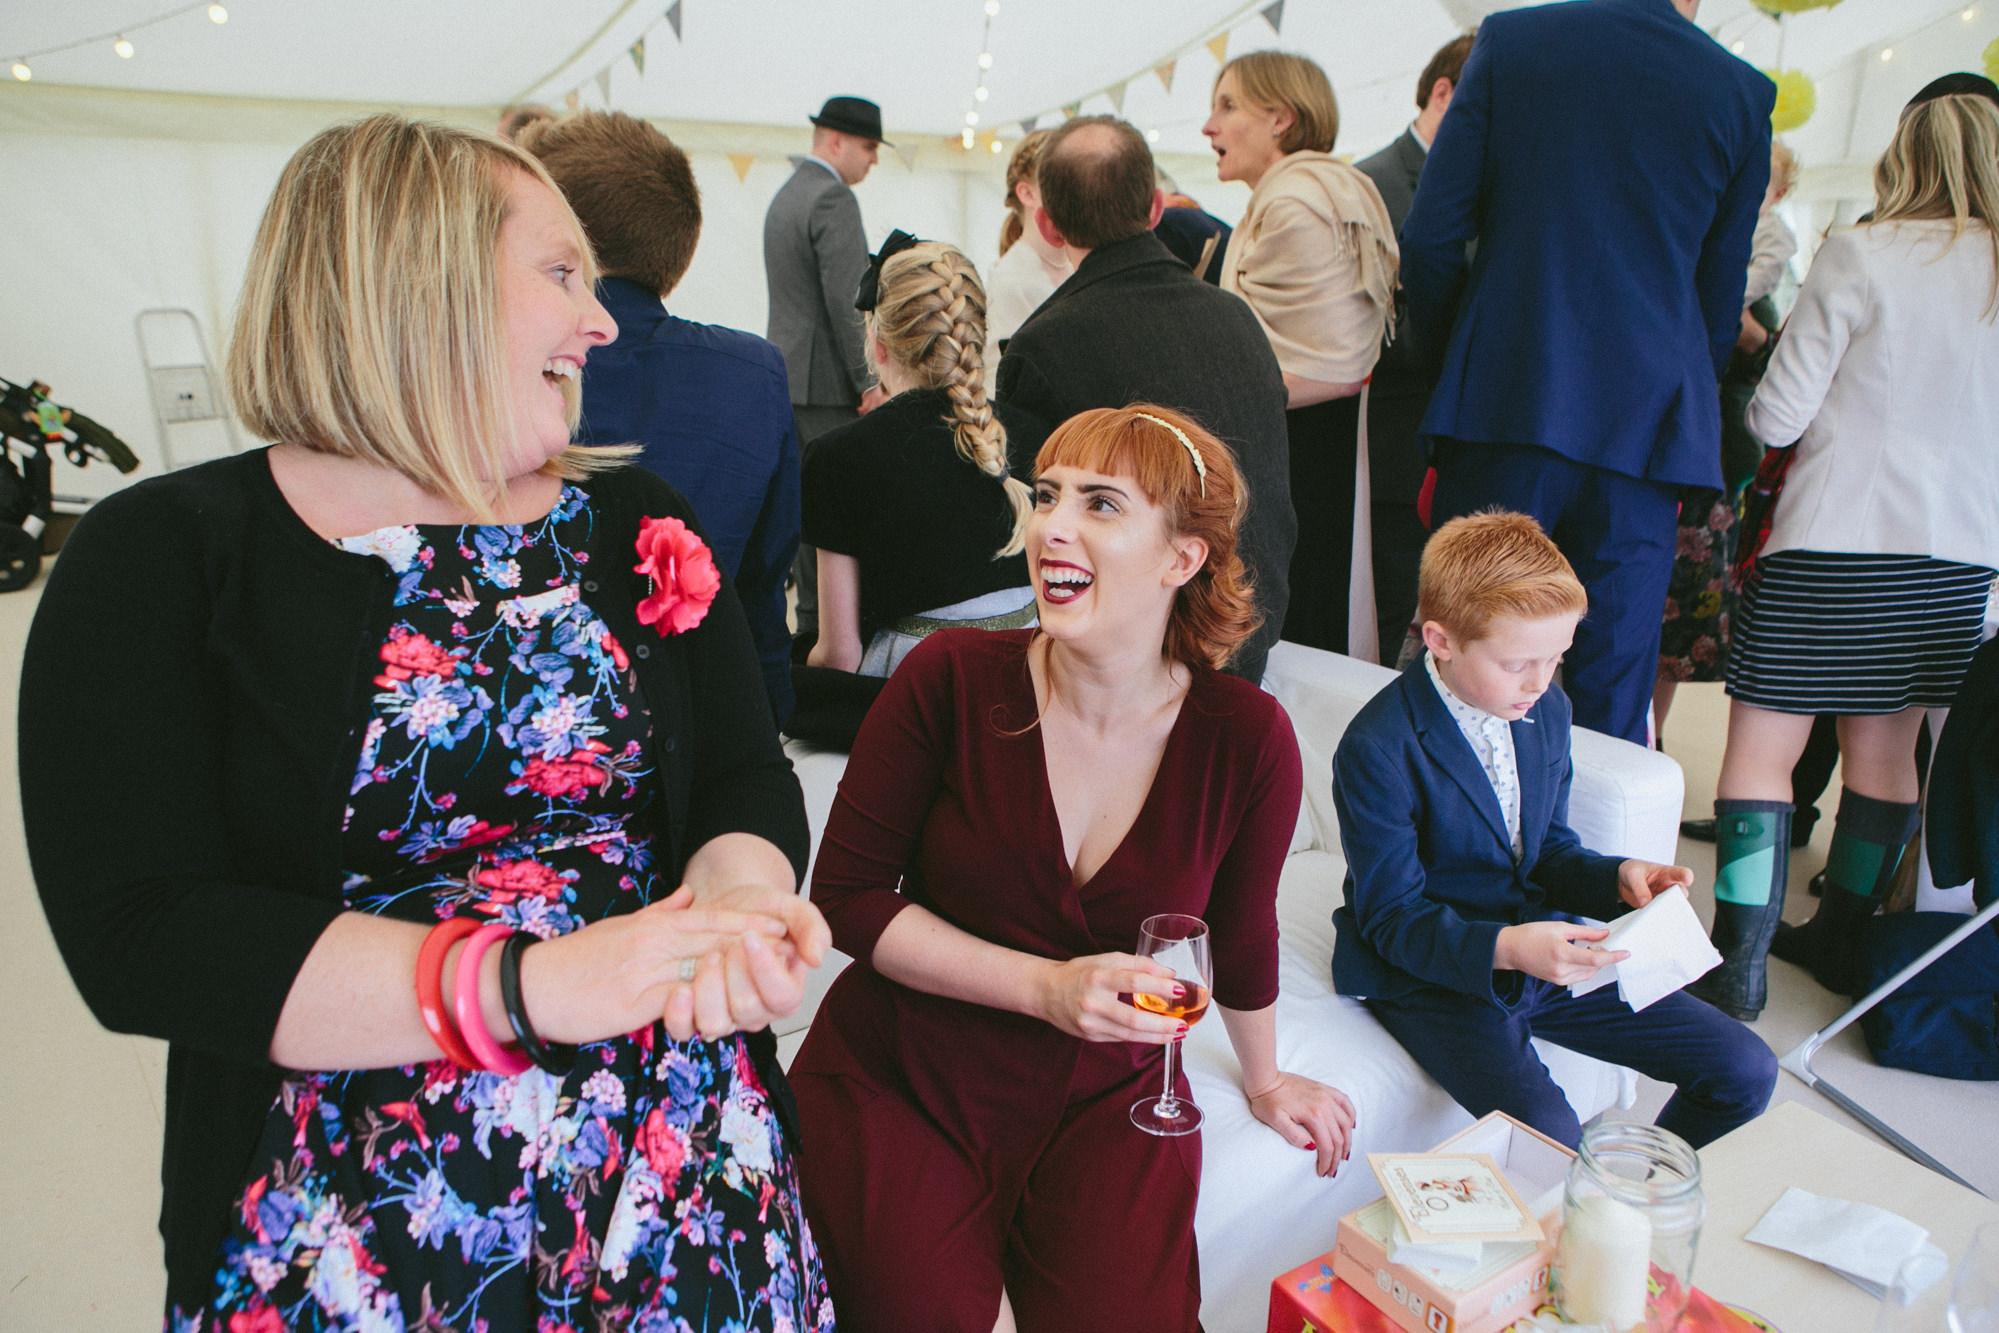 farm-wedding-photography-devon-58